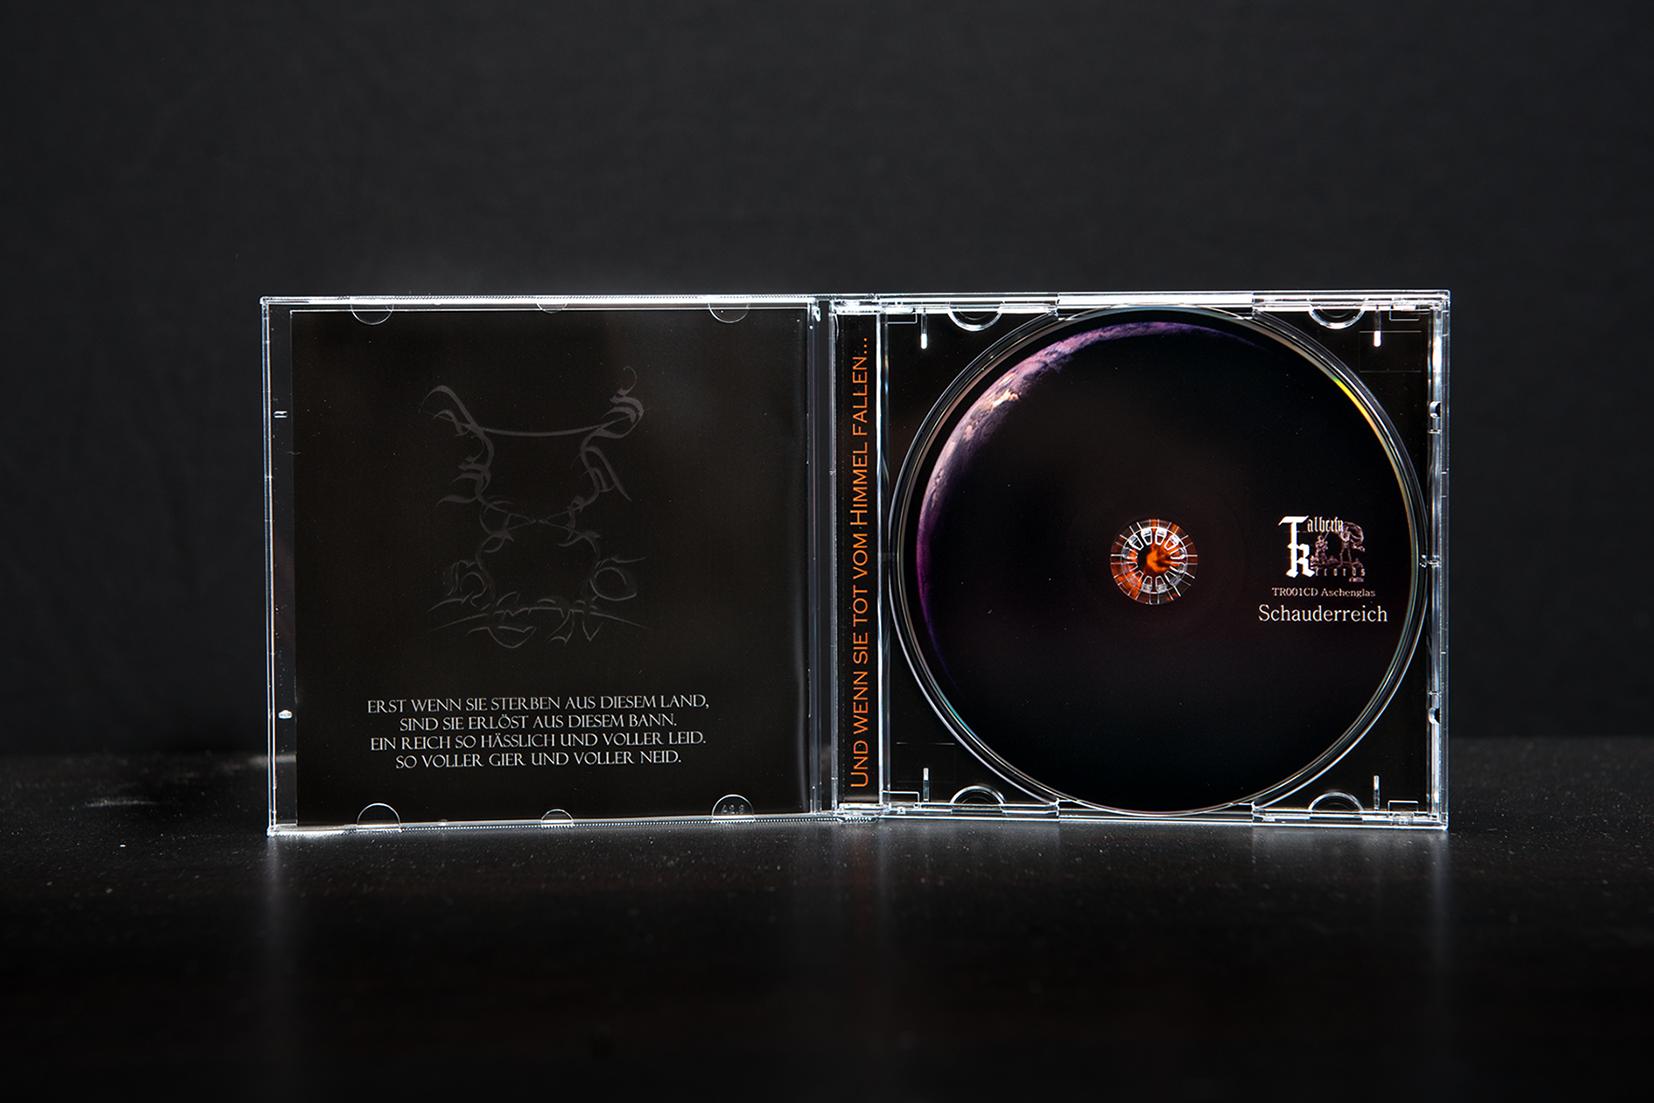 Aschenglas - Schauderreich CD Jewel-Case